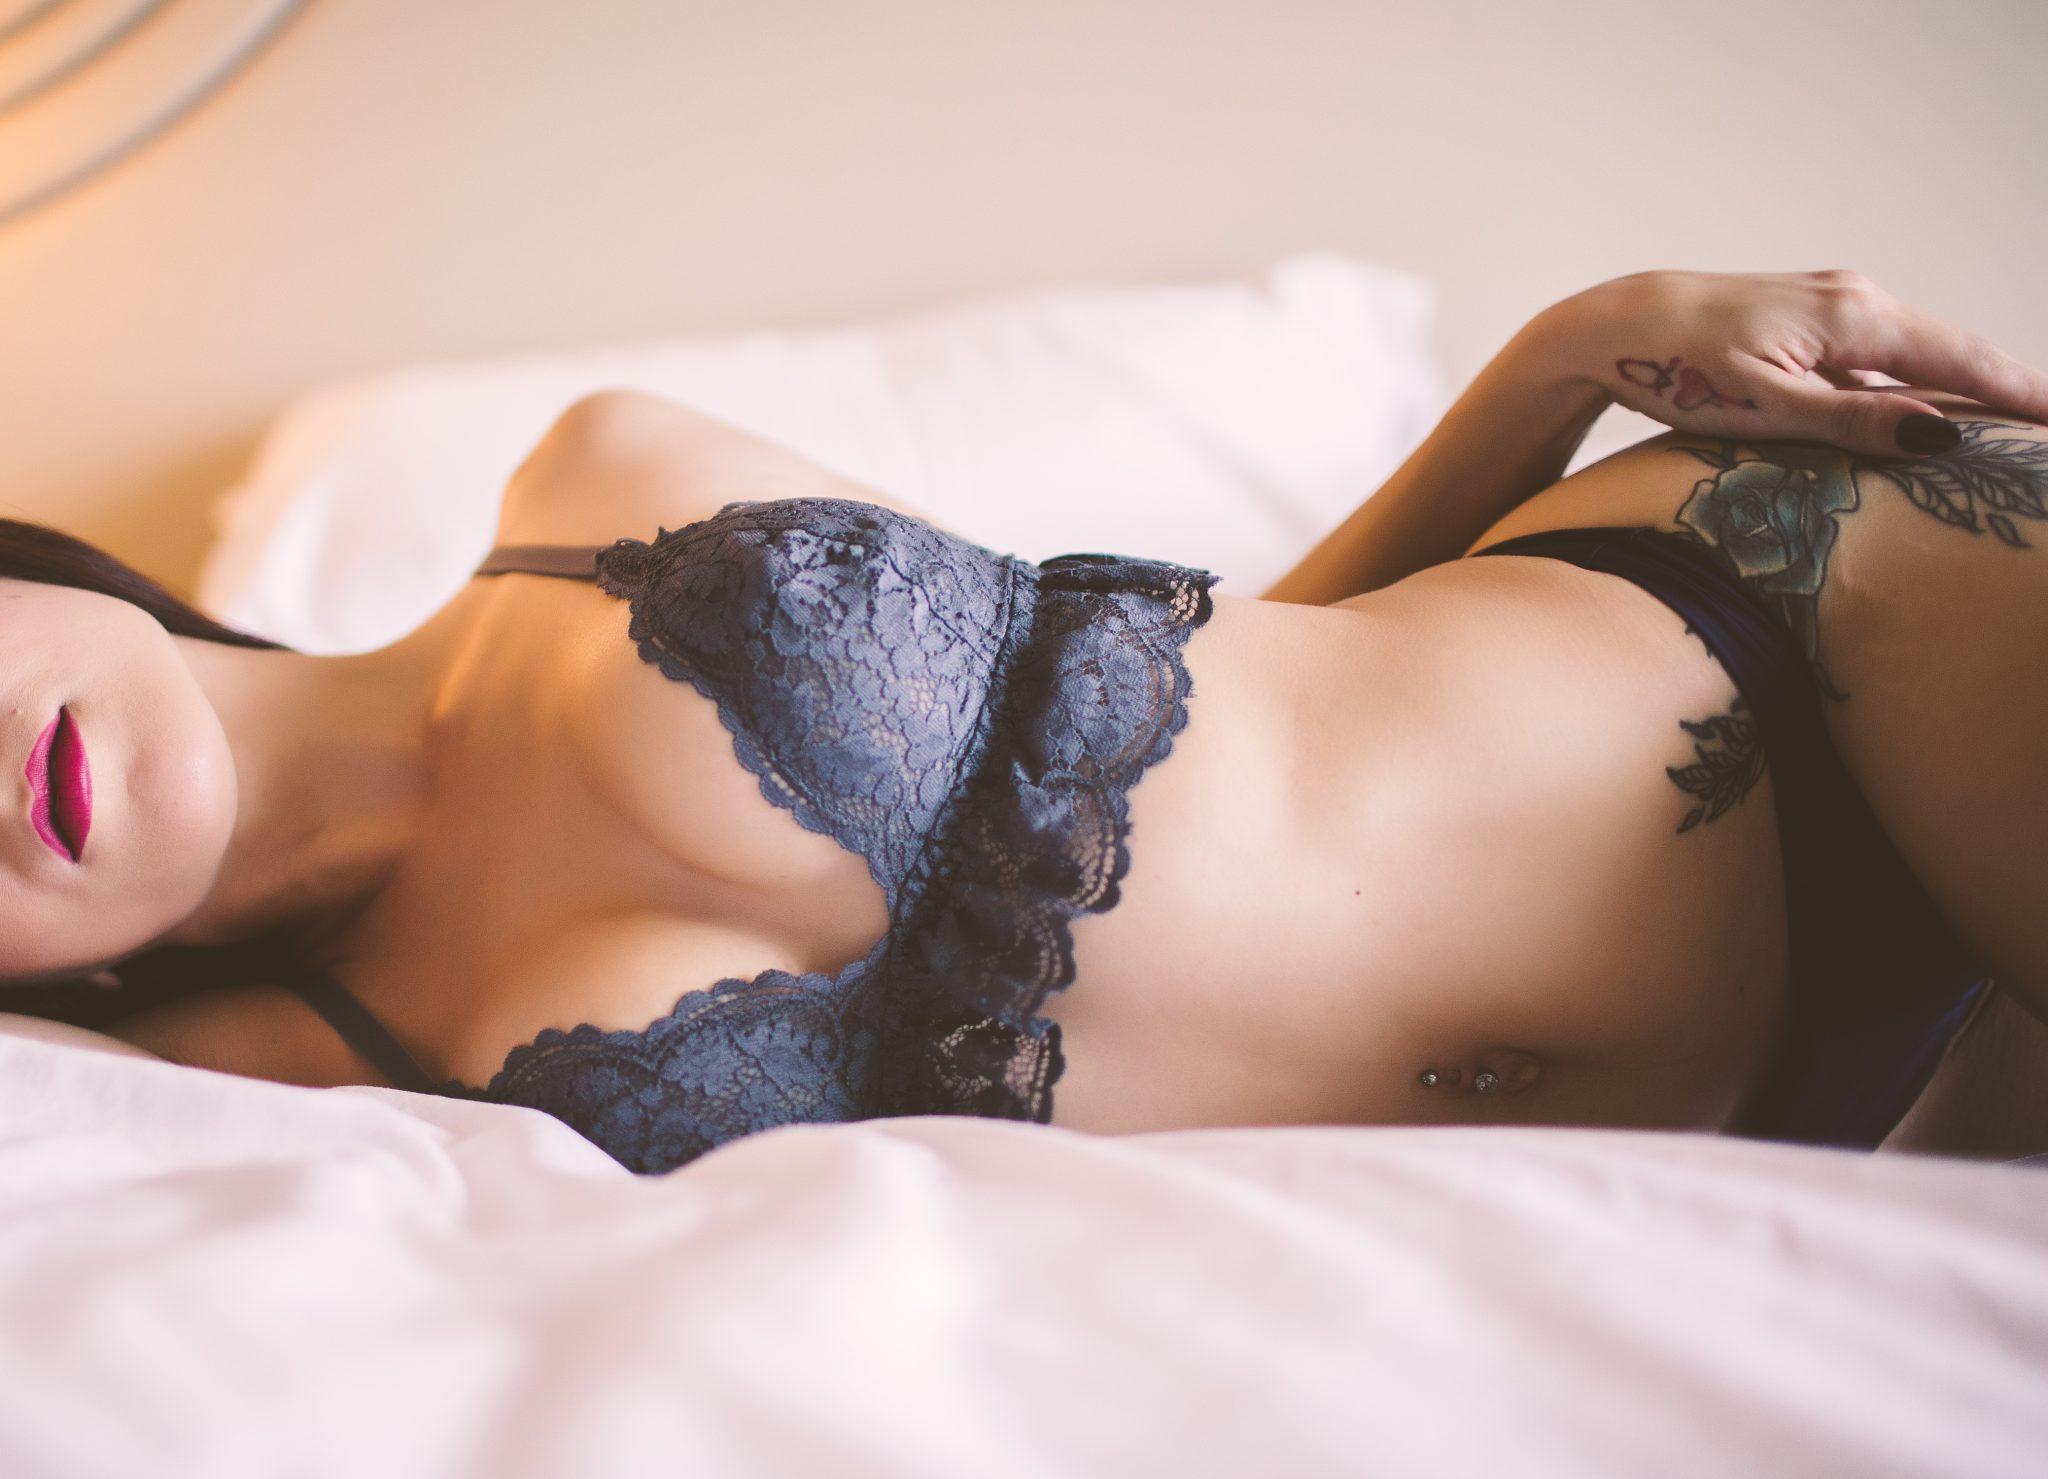 Tattooed model wearing sexy lingerie